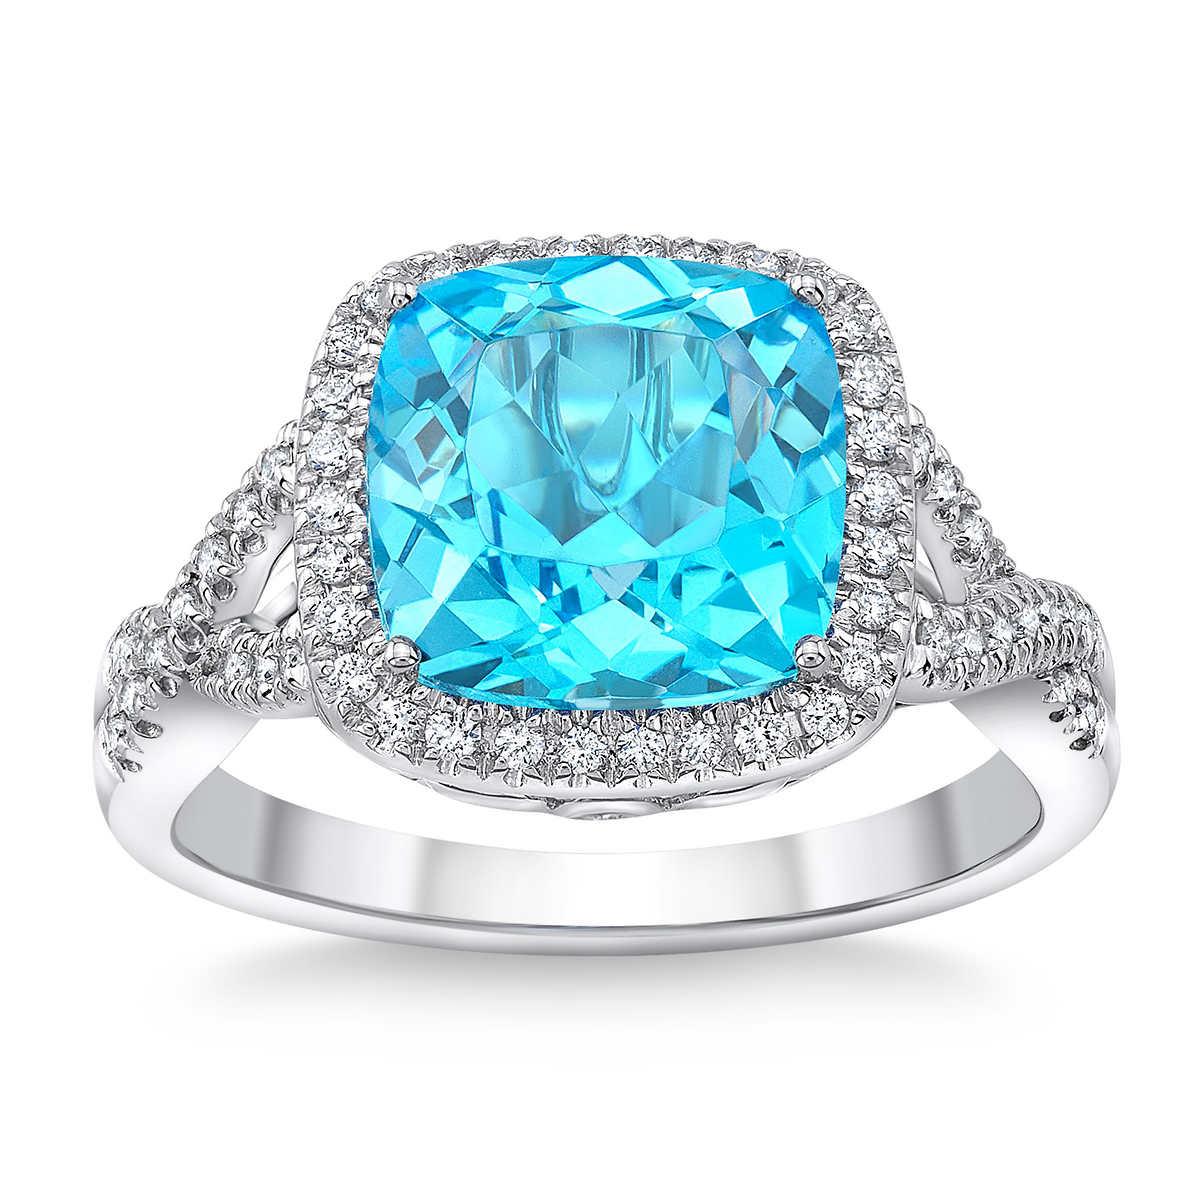 Blue Topaz And Diamond 14kt White Gold Ring